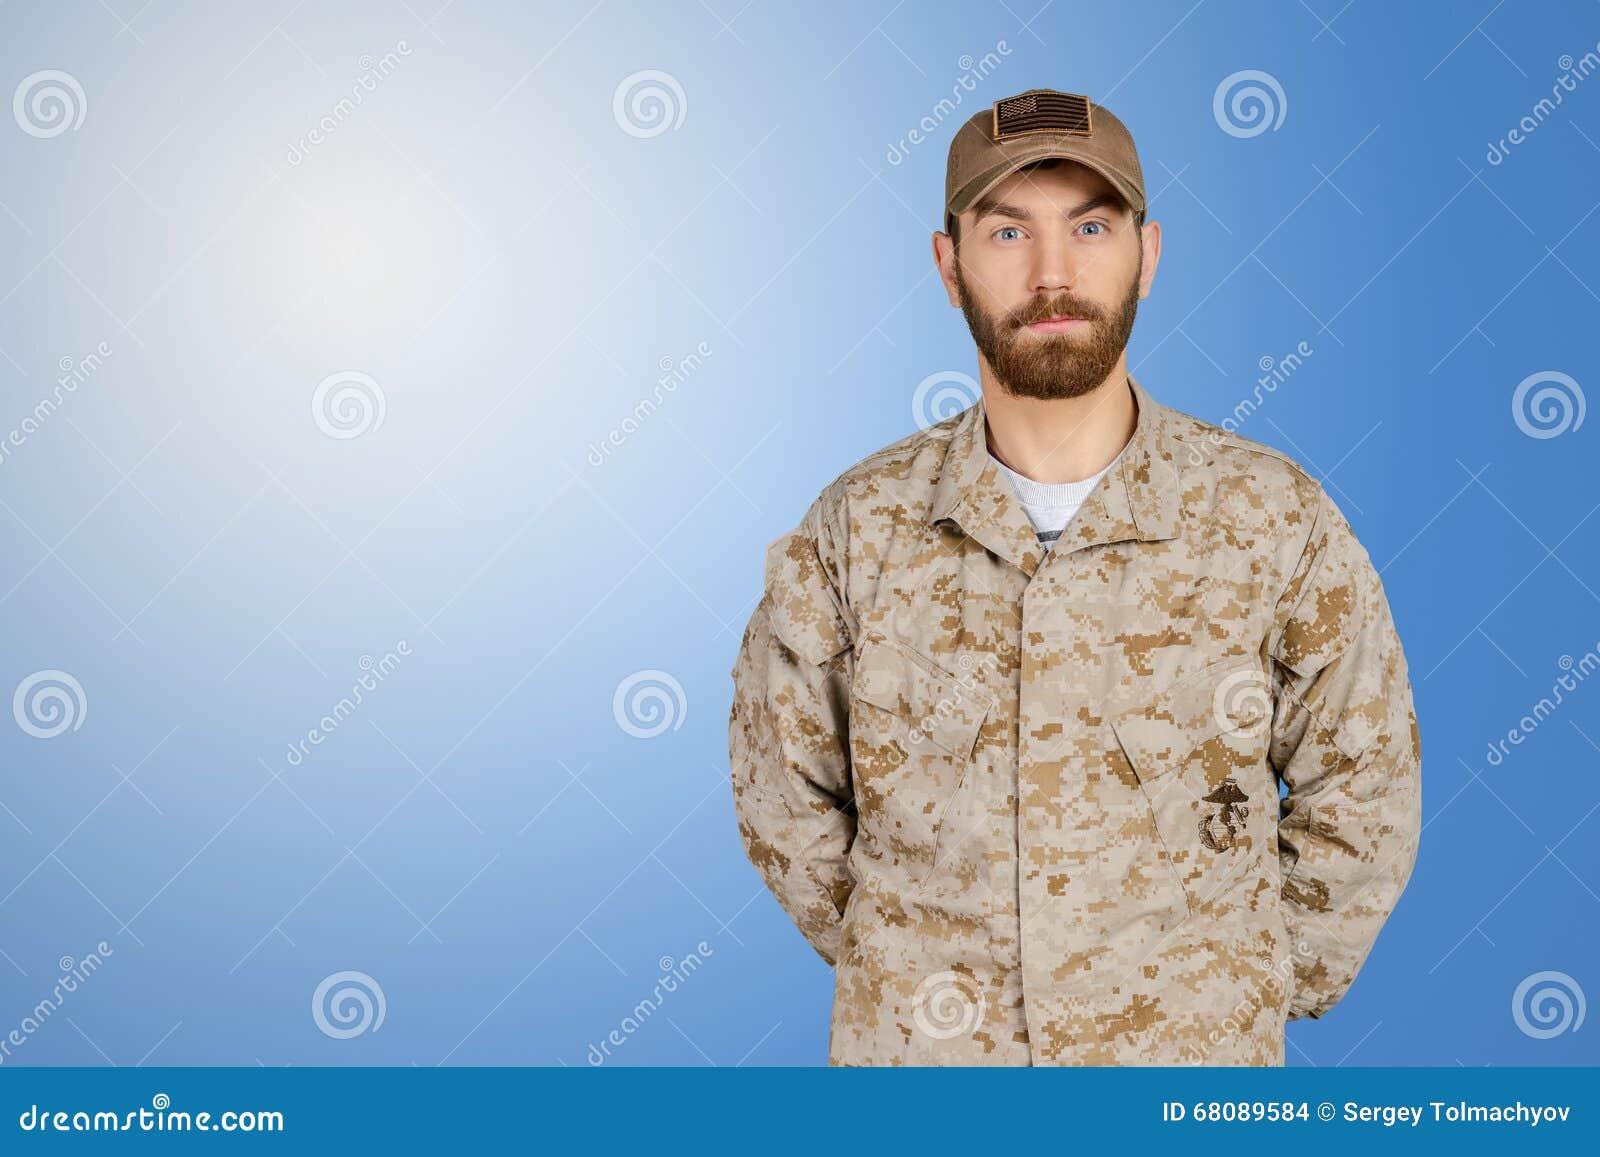 Militar do exército dos EUA